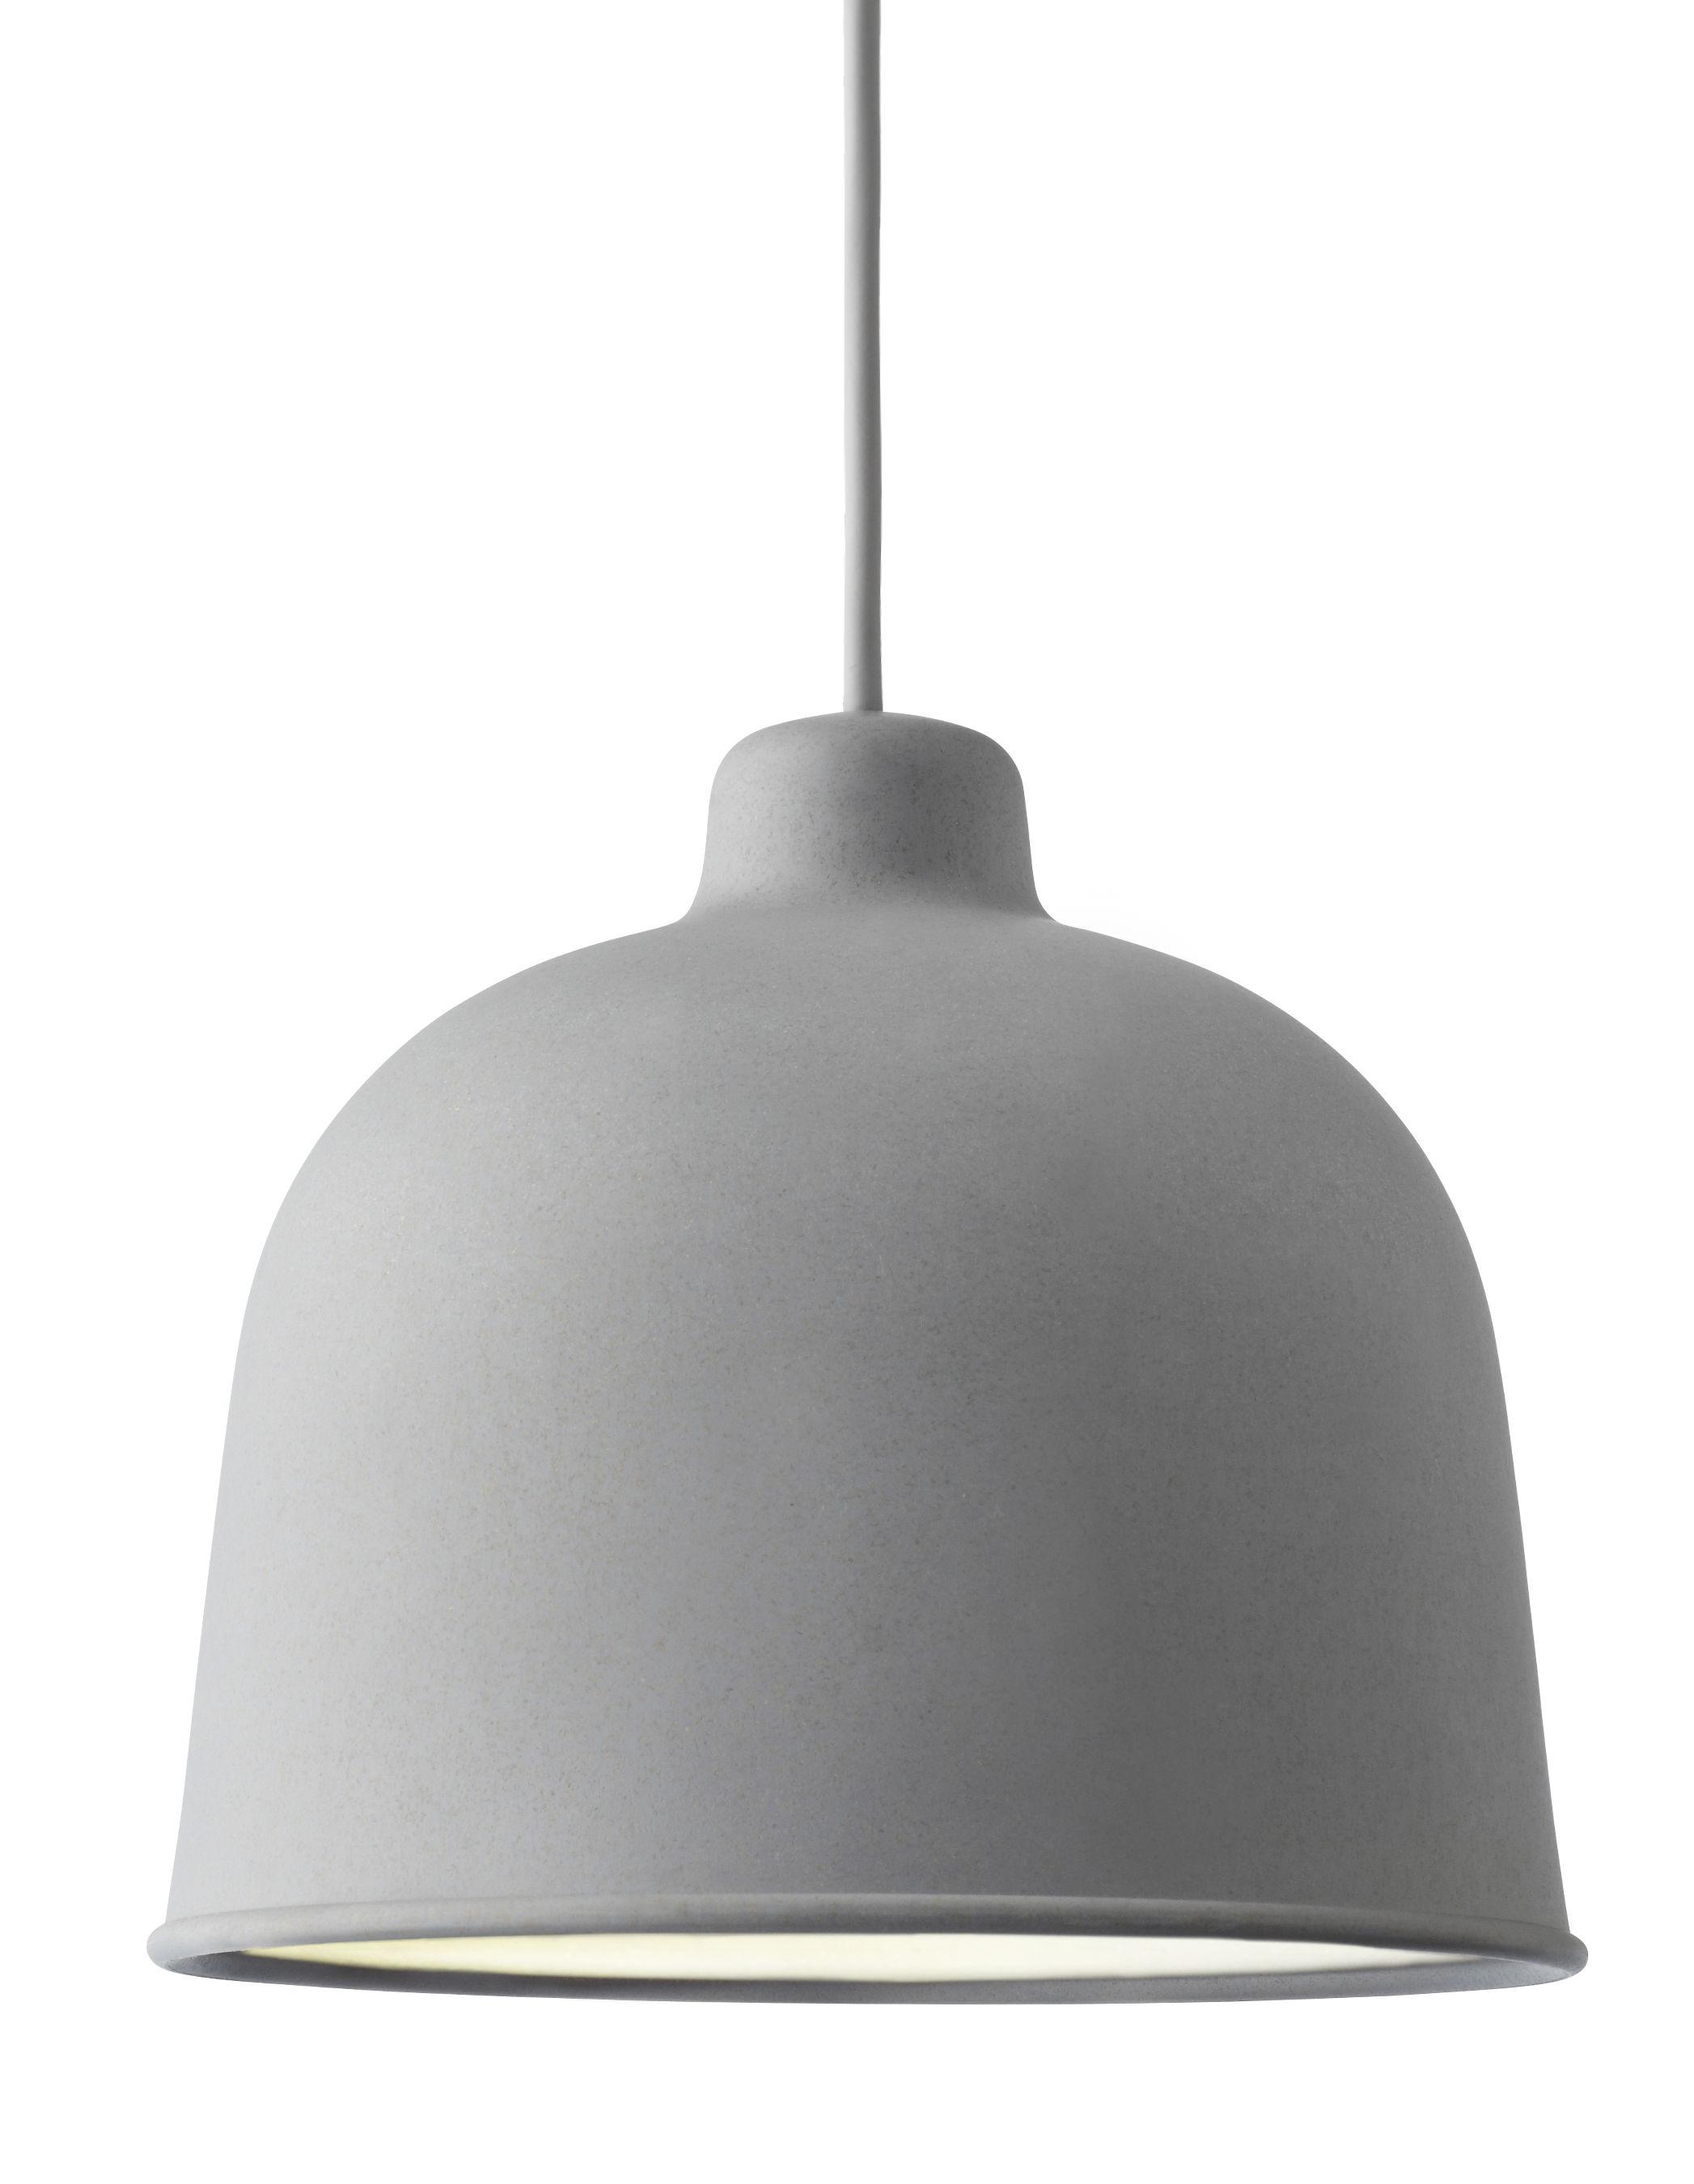 Luminaire - Suspensions - Suspension Grain / Ø 21 cm - Muuto - Gris - Matériau composite